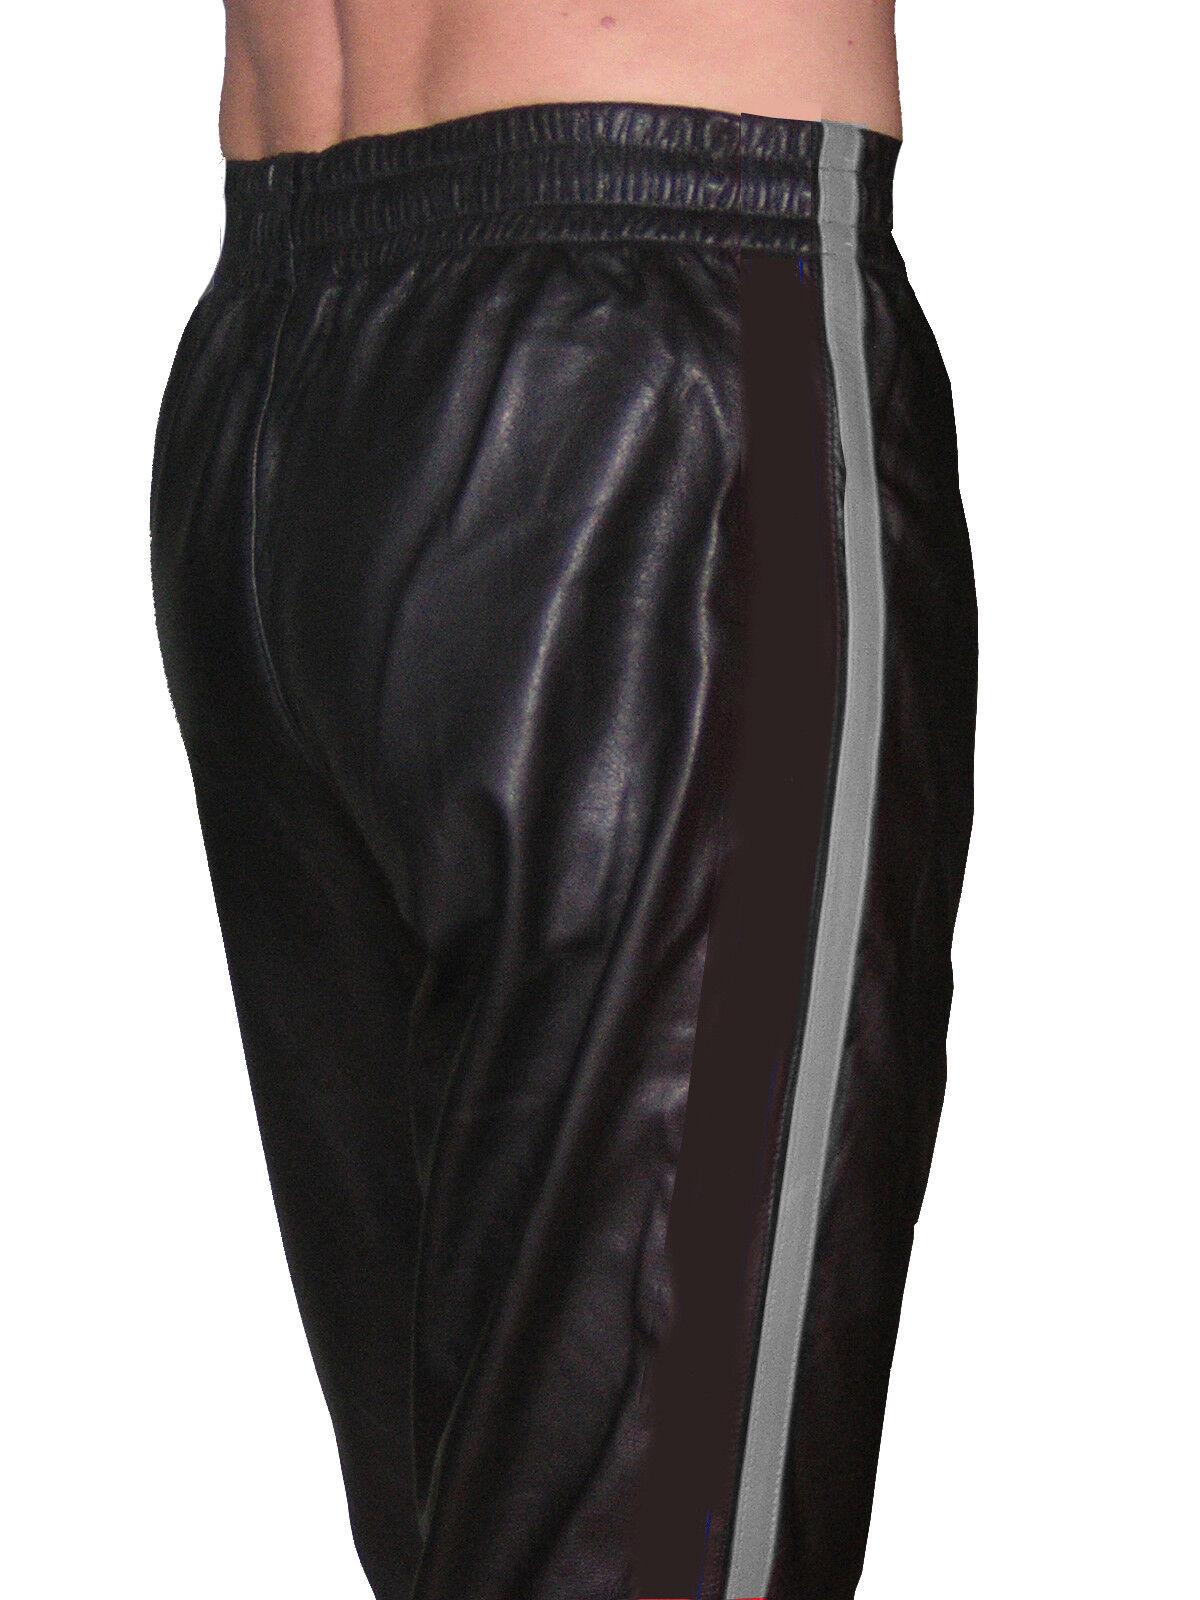 Pantaloni Sportivi Sportivi Sportivi Neri Grigi Pelle Pantaloni Pantaloni Jogging Nuovo Casual Sport Leather Pants 8e2b21